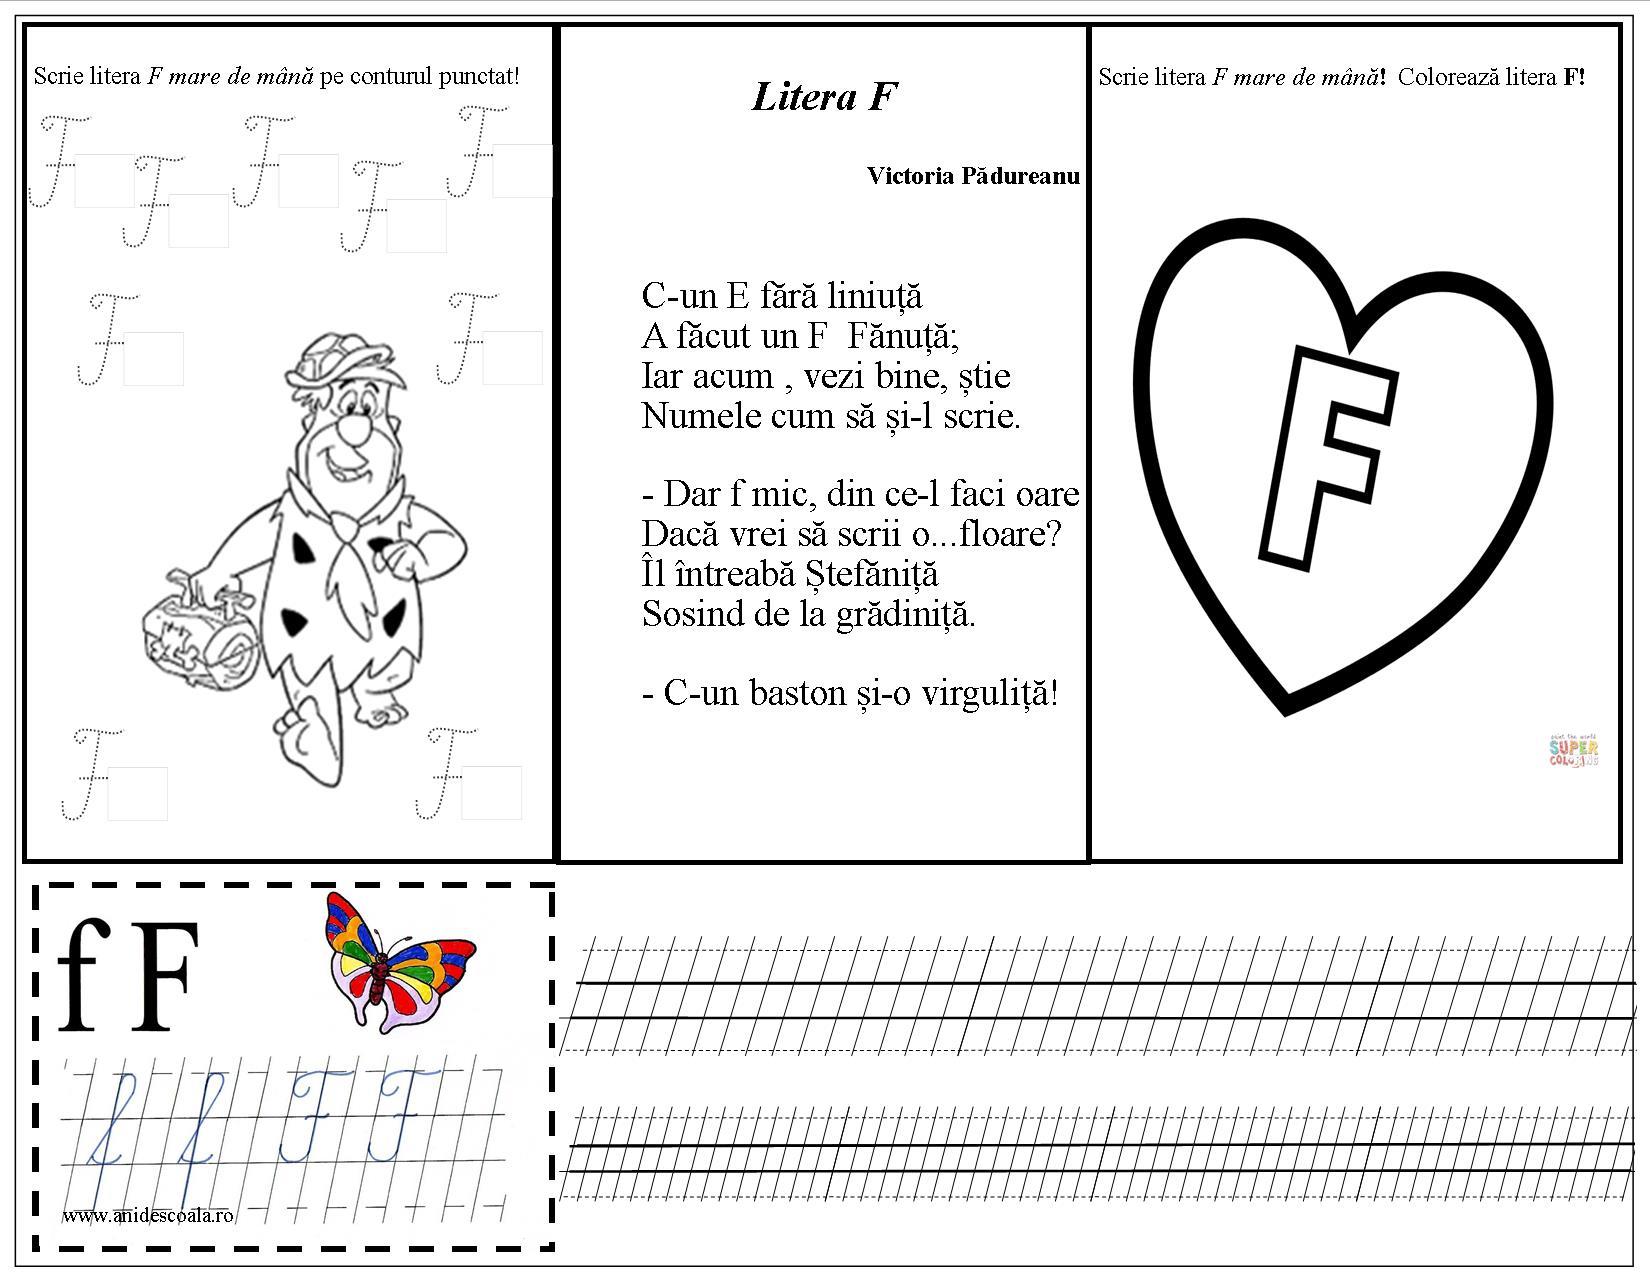 Litera F Mare De Tipar și De Mână Fata Babei și Fata Moșneagului